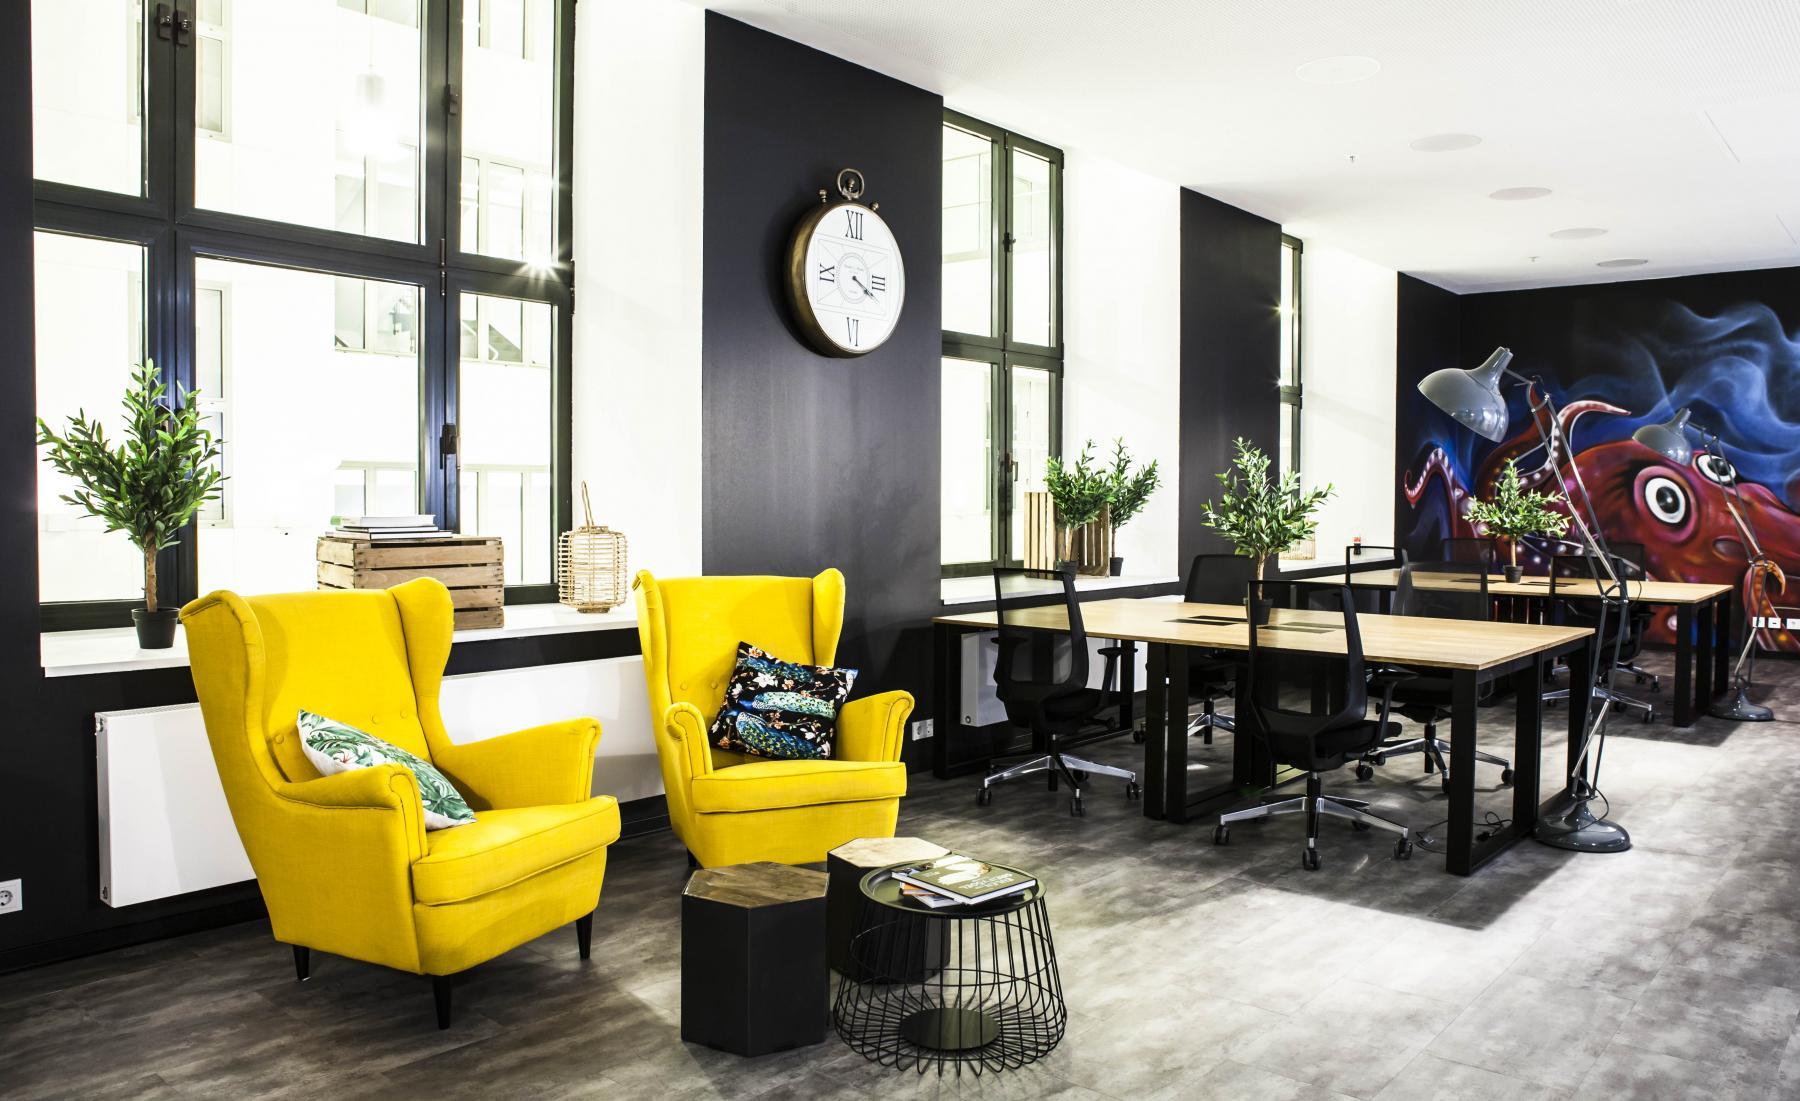 Großer Büroraum mit flexiblen Arbeitsplätzen und gelben Sesseln zum Entspannen